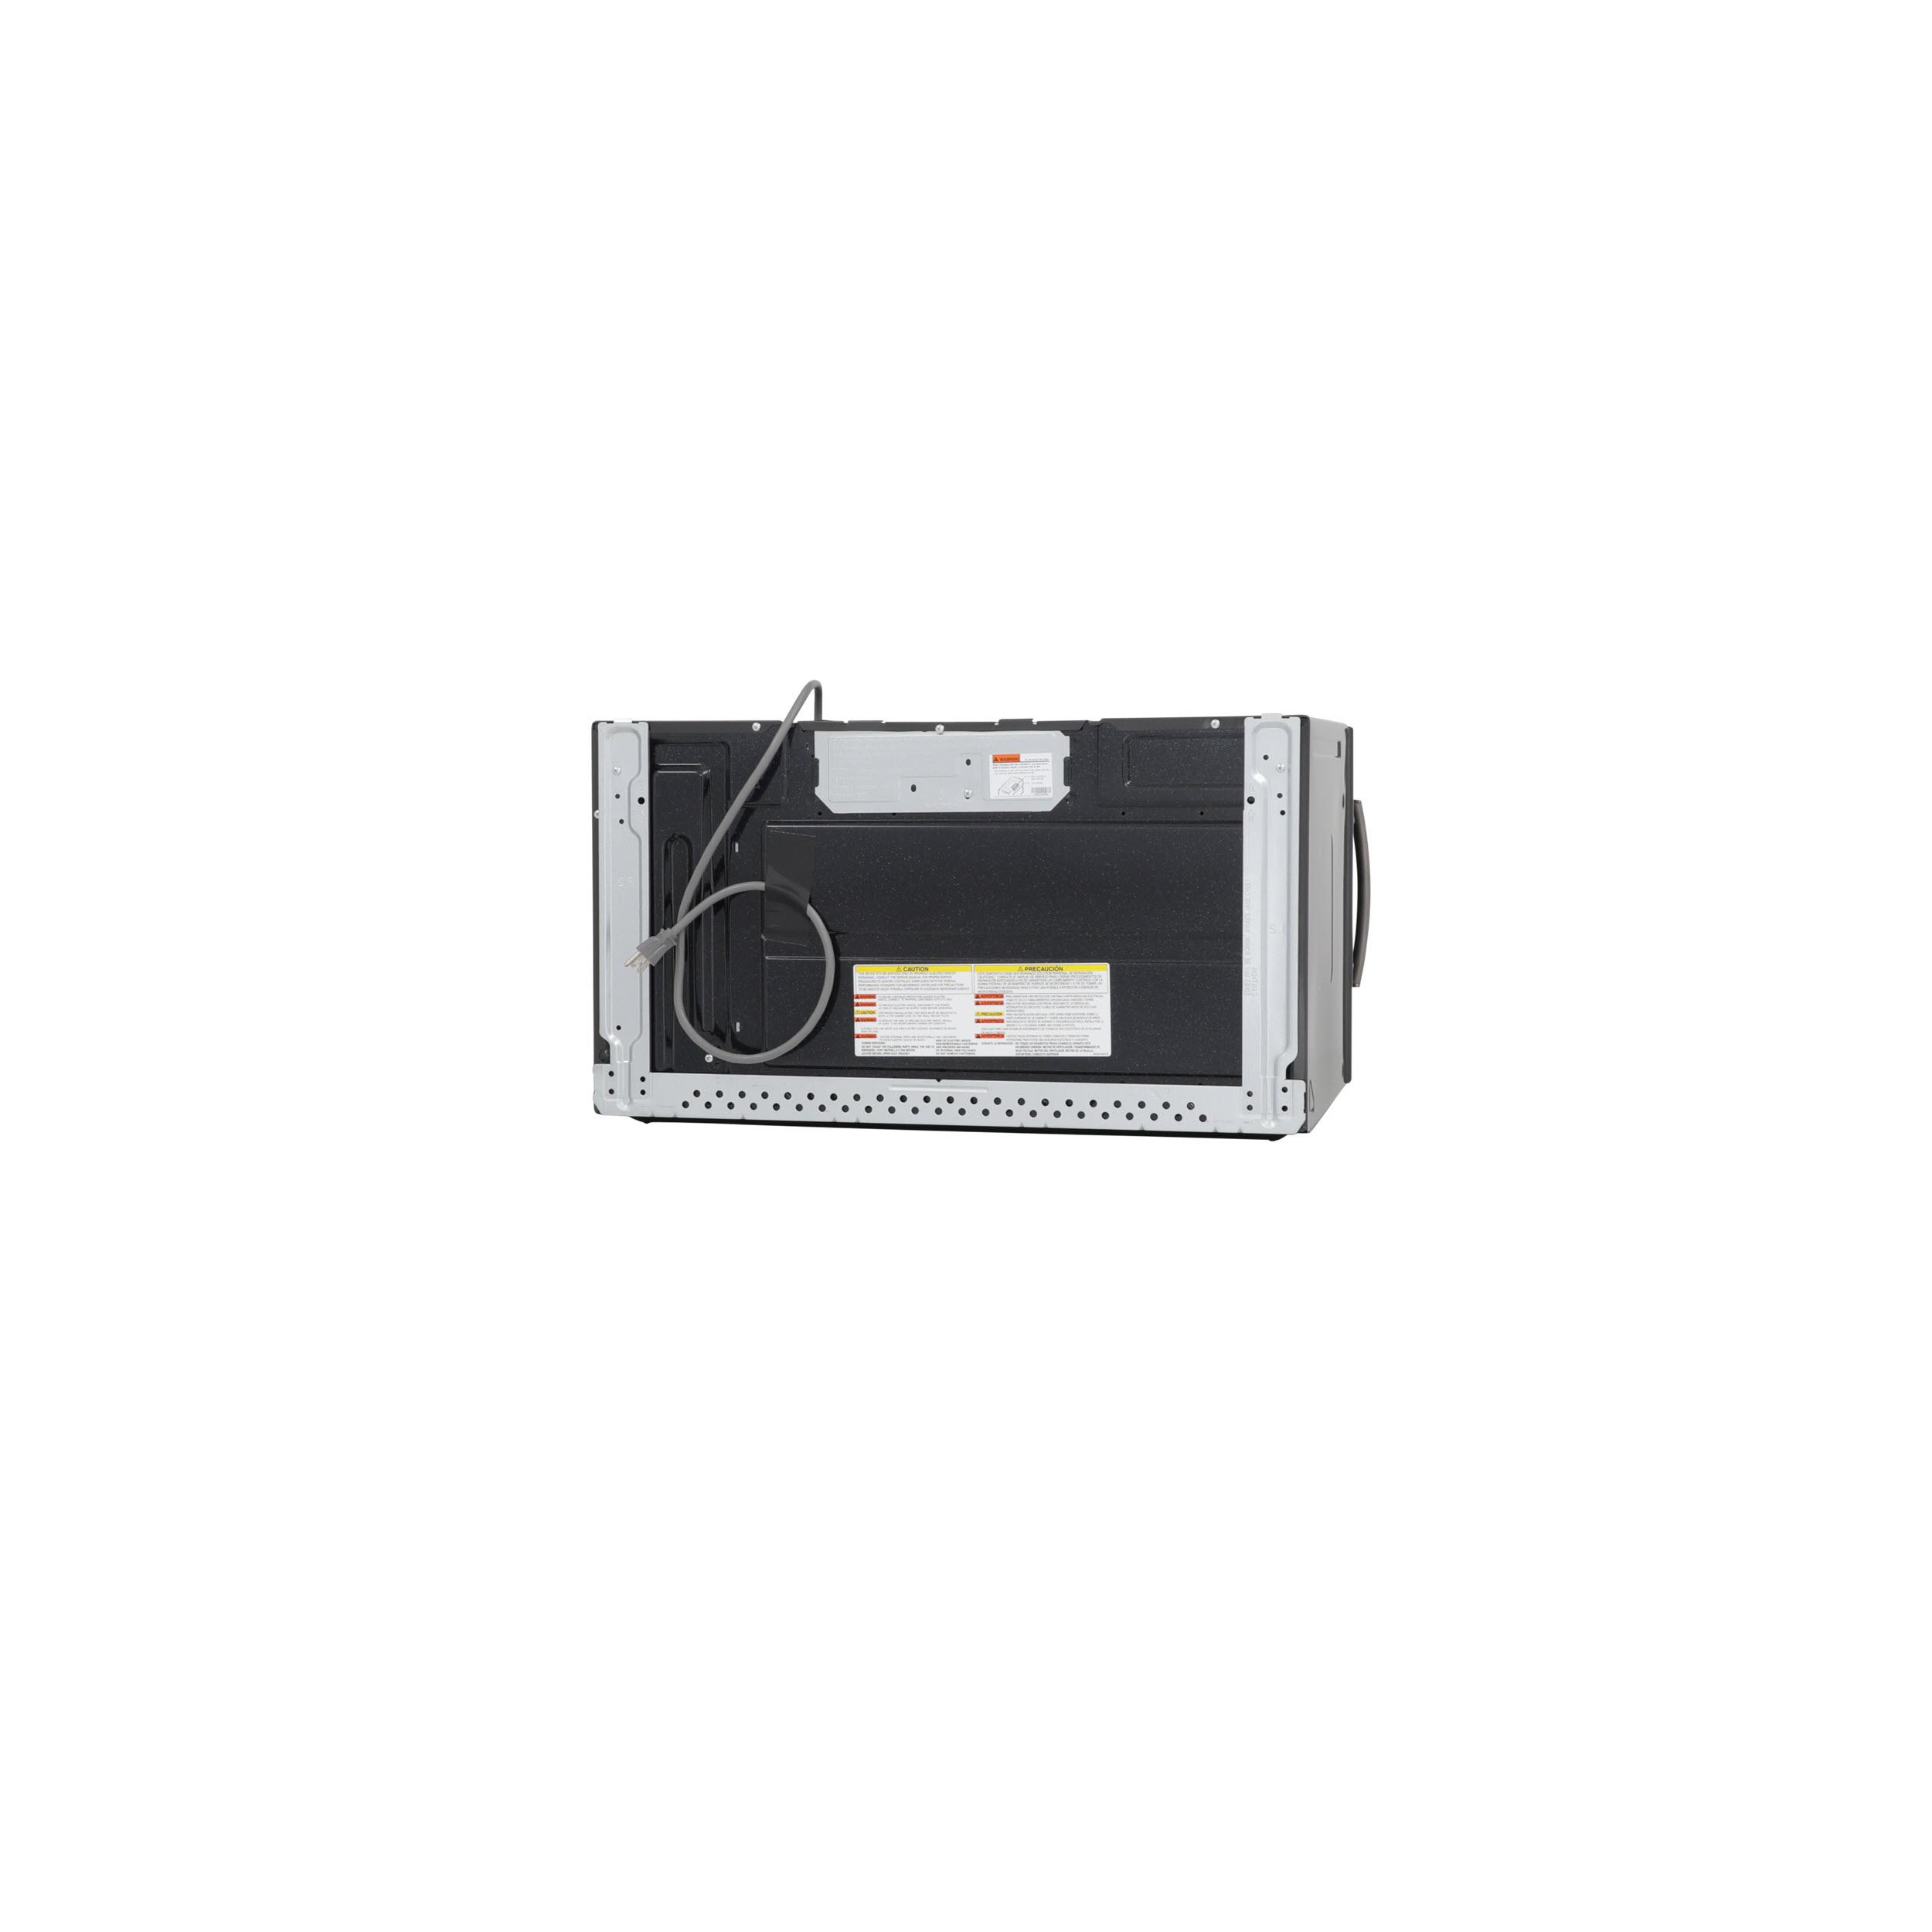 Model: JVM7195FLDS | GE GE® 1.9 Cu. Ft. Over-the-Range Sensor Microwave Oven